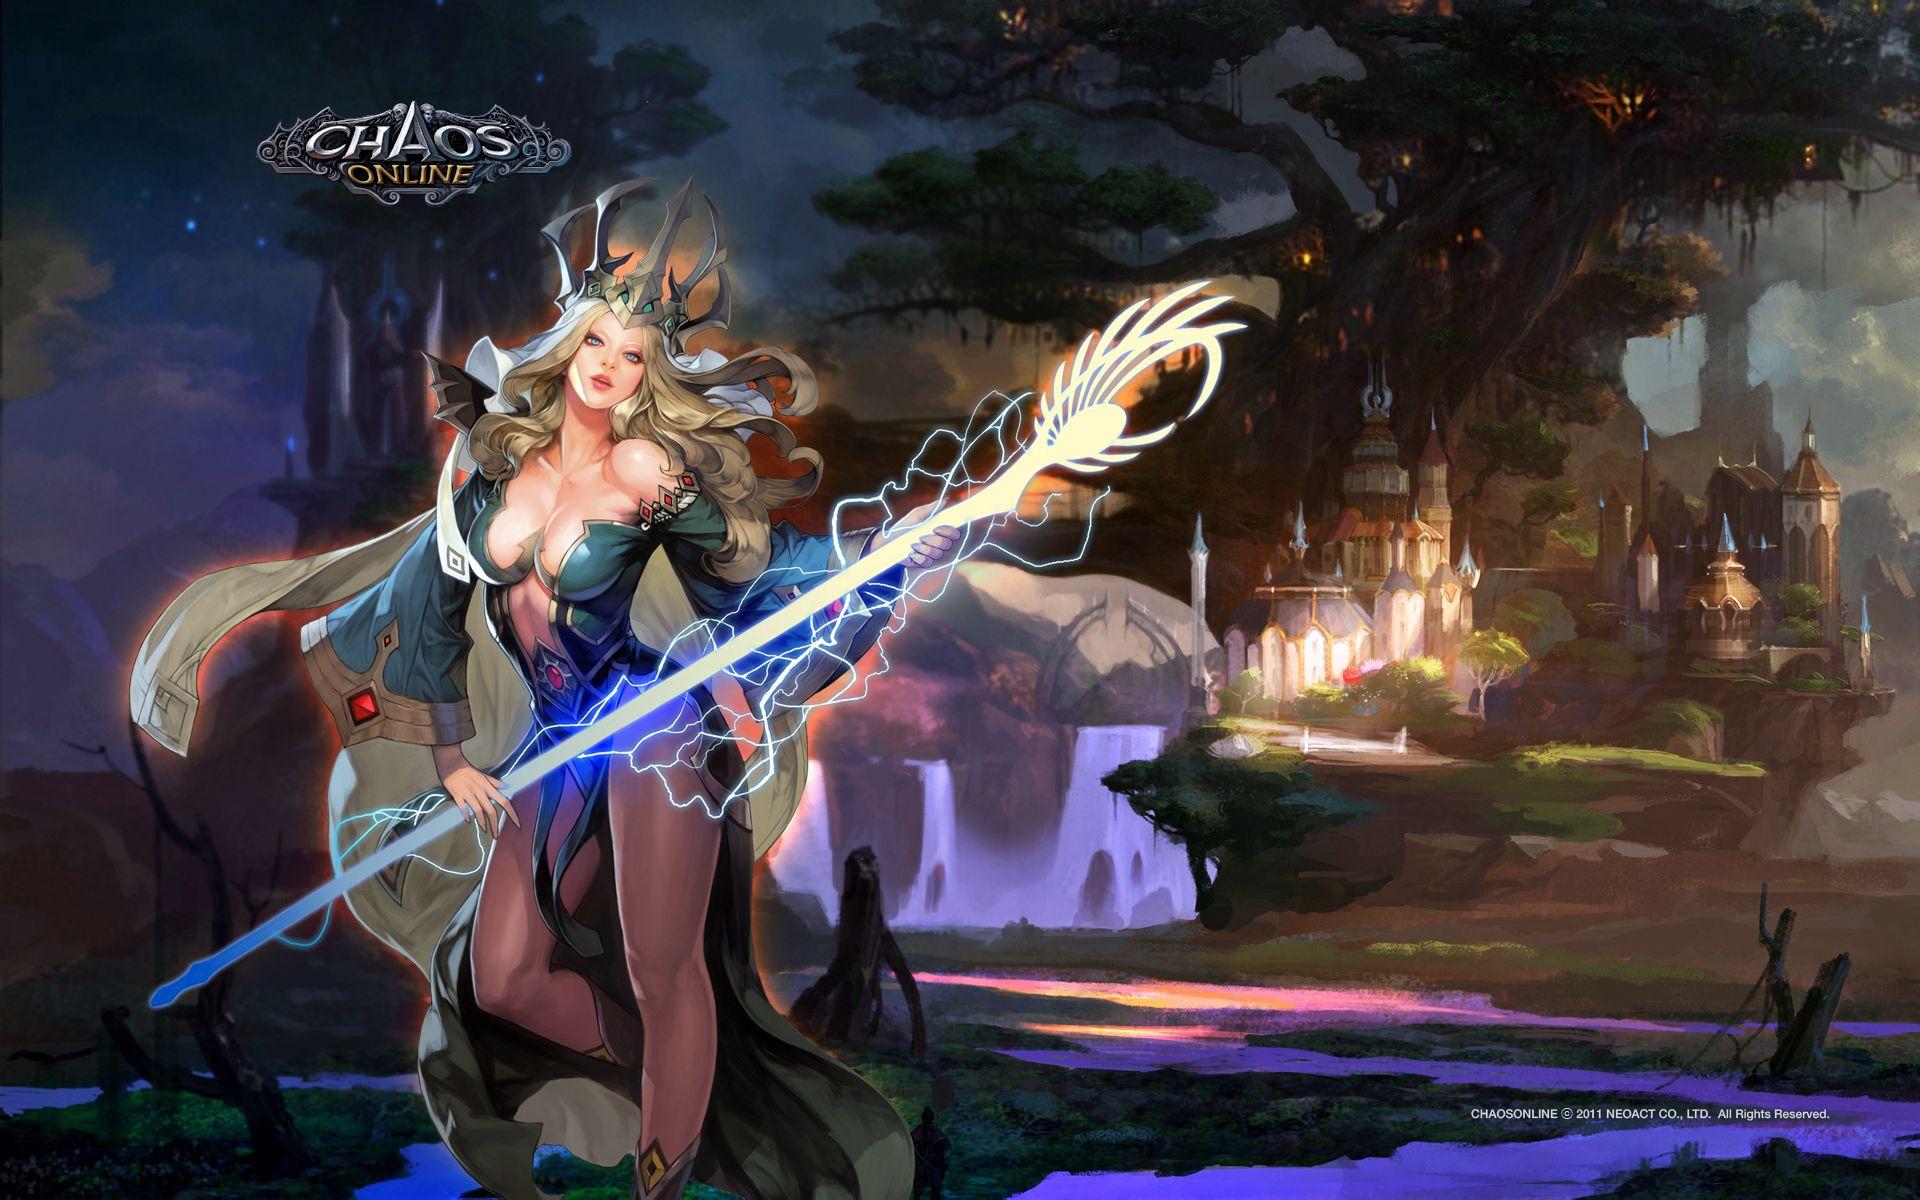 哪些游戏中有类似魔兽世界的美女?